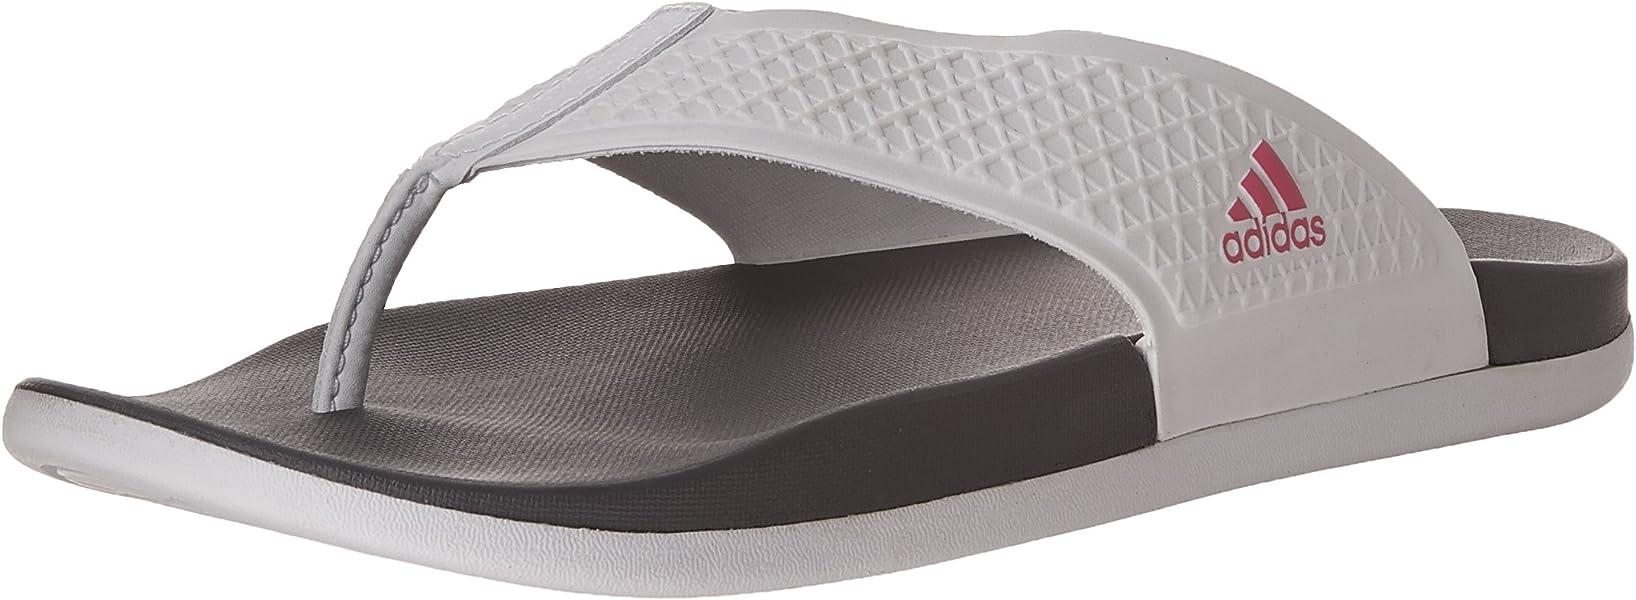 97c9b3393394c1 adidas Kids  adilette CLF+ Thong Training Shoes